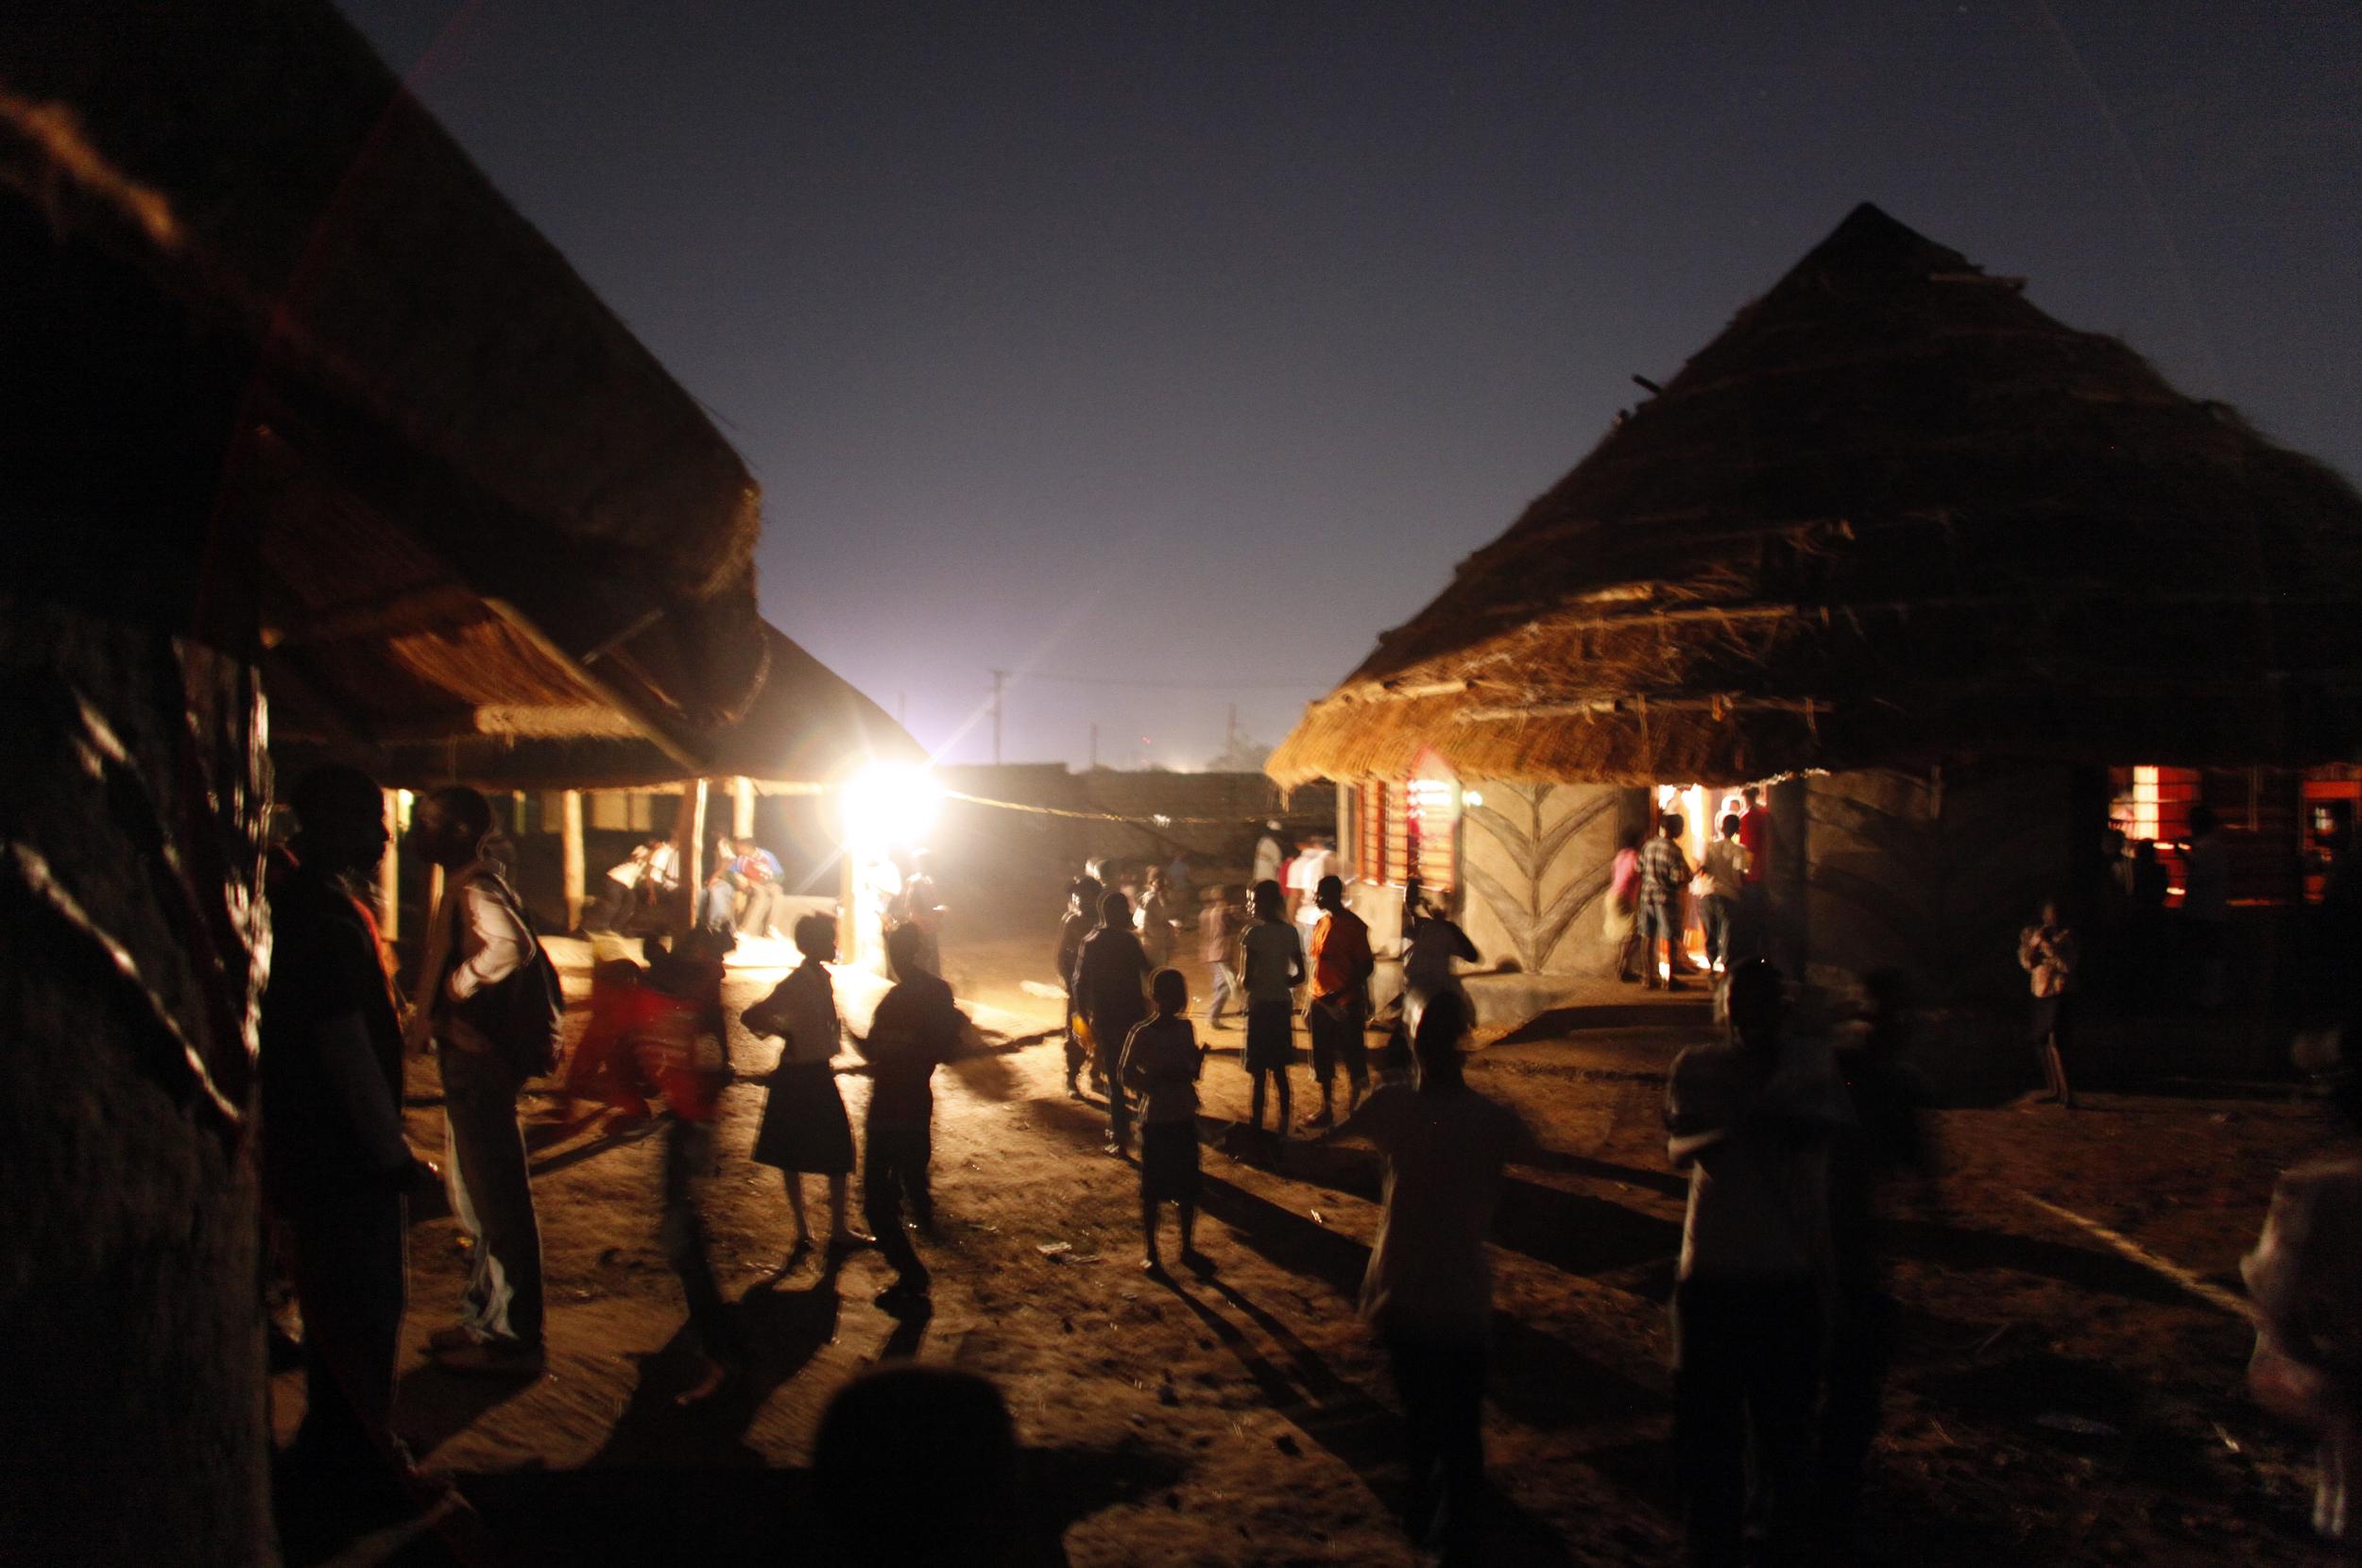 ngwerere-o-night-scene1.jpg